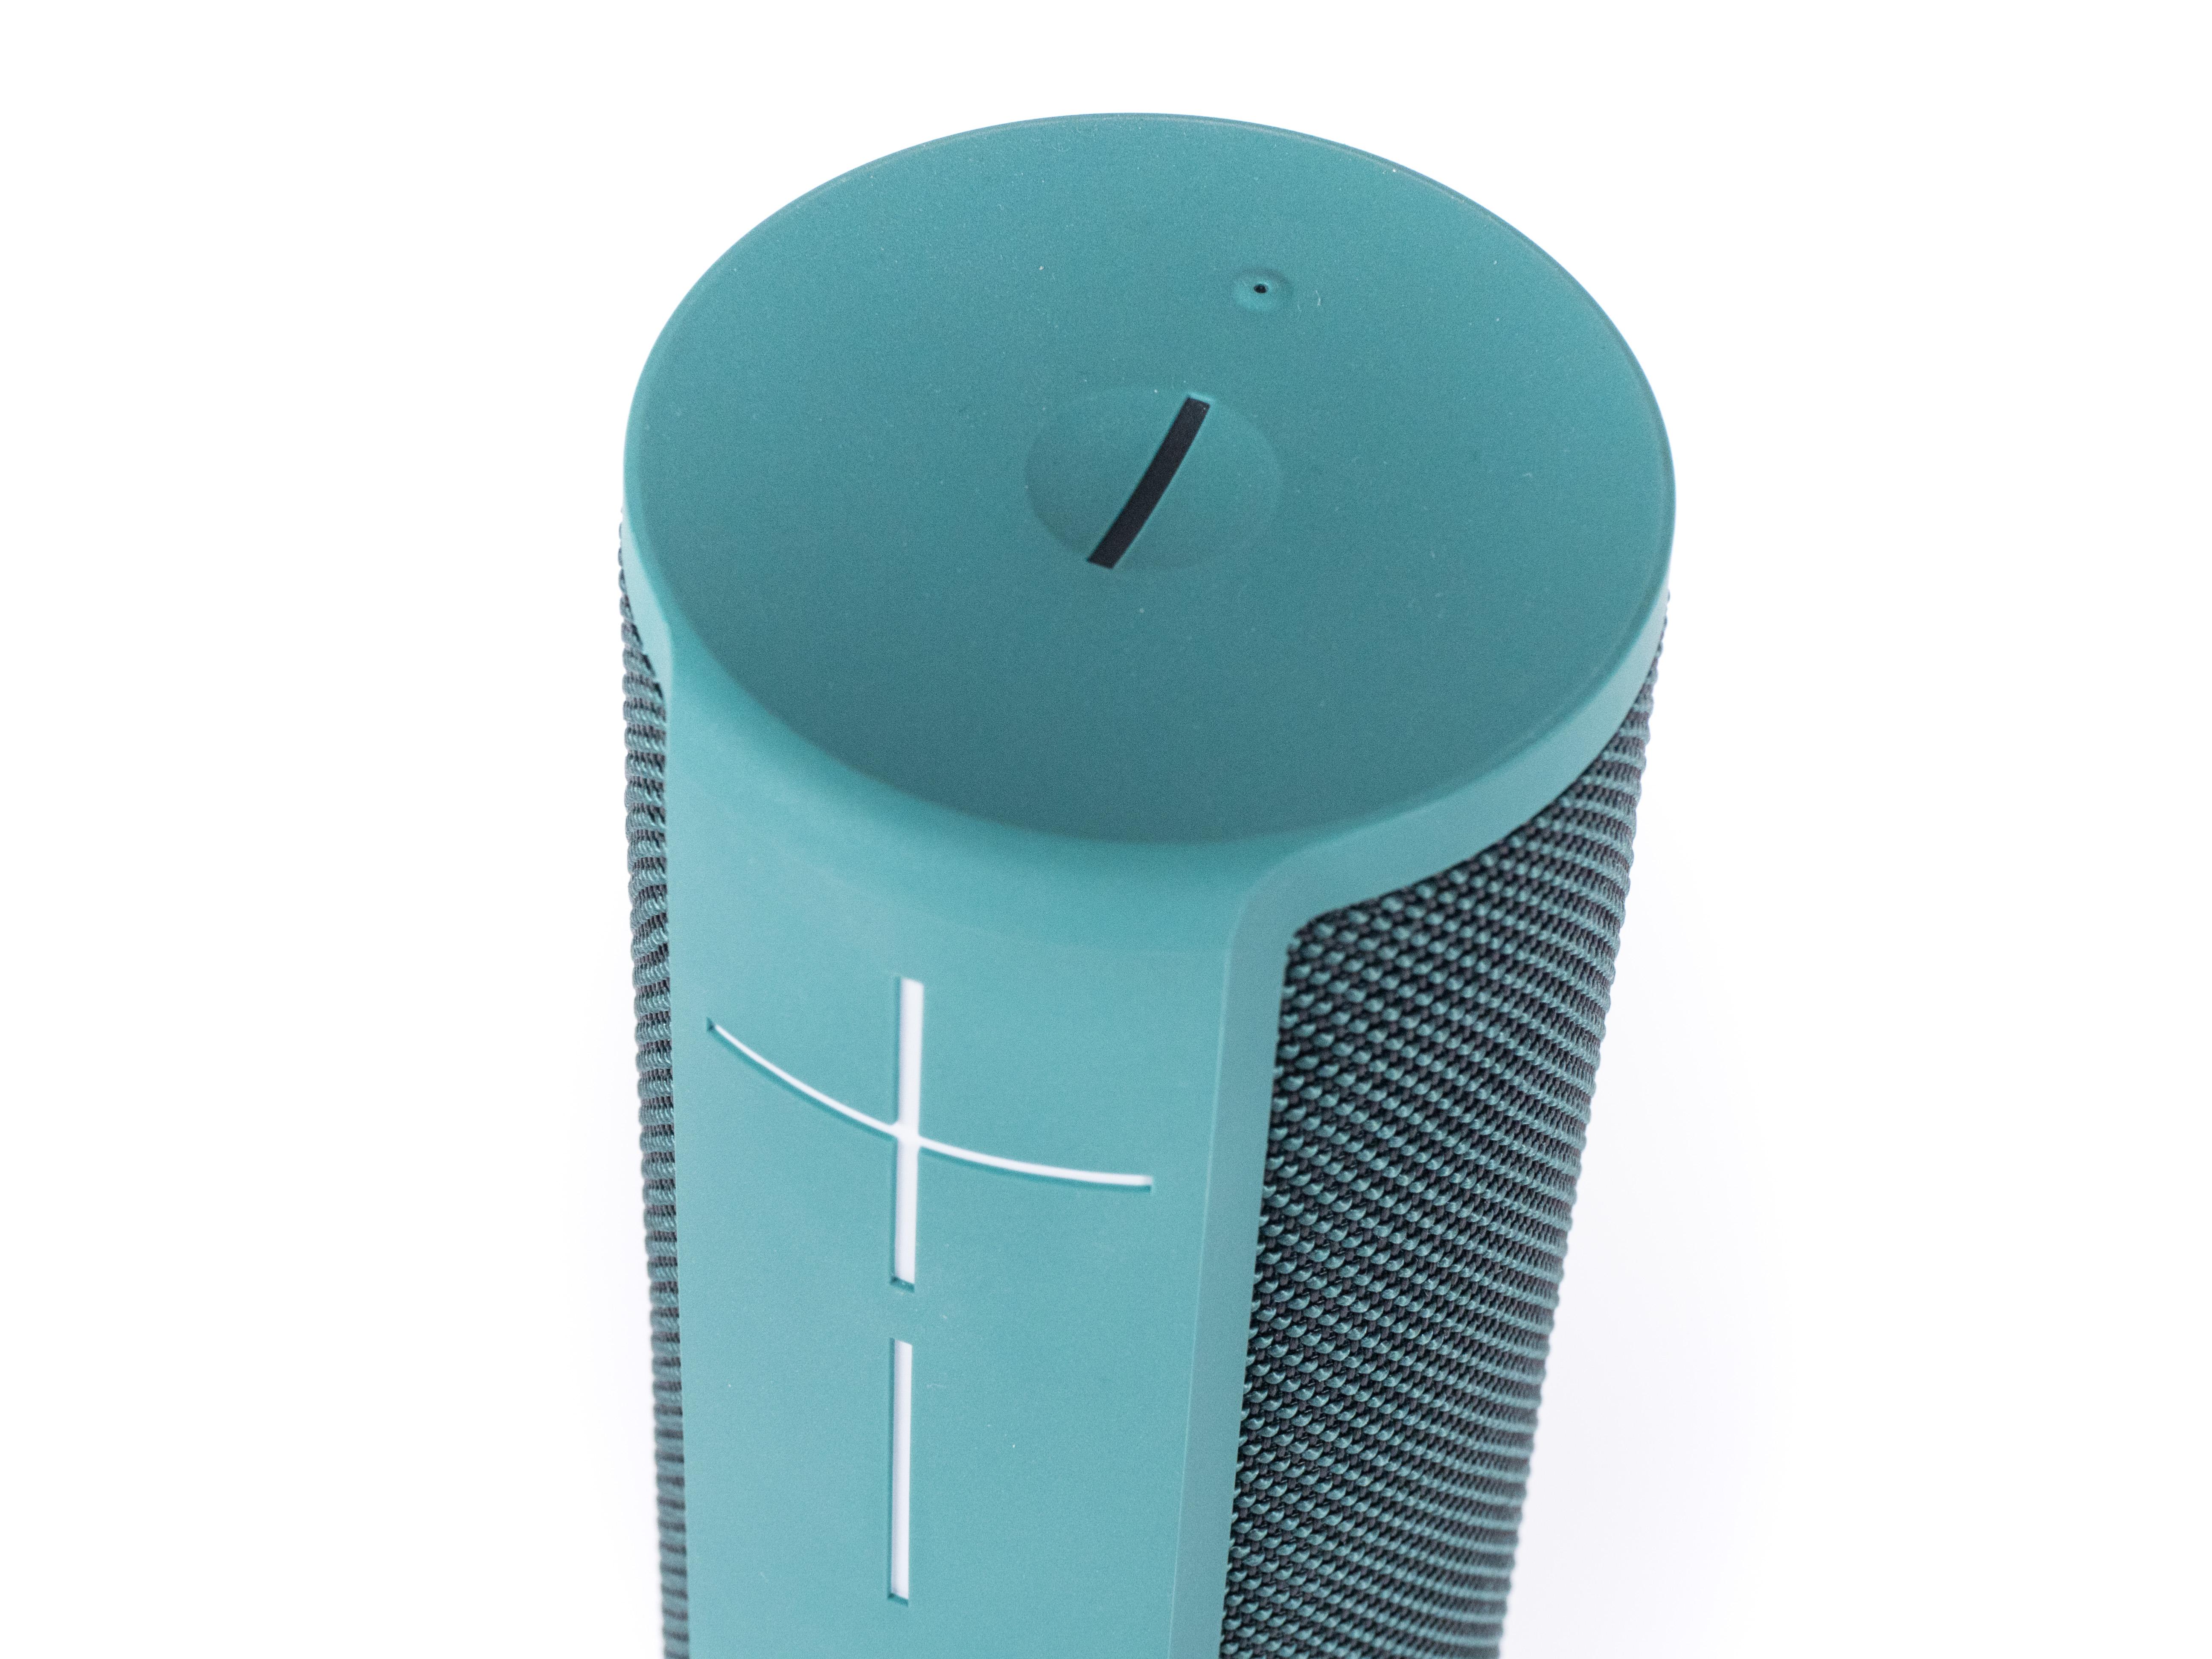 Alexa-Geräte und ihre Konkurrenz im Test: Der perfekte smarte Lautsprecher ist nicht dabei - Oben gibt es nur eine Ein-Aus-Taste und eine Bluetooth-Taste, aber keinen Pause- und keinen eigenen Stummschalter. (Bild: Martin Wolf/Golem.de)